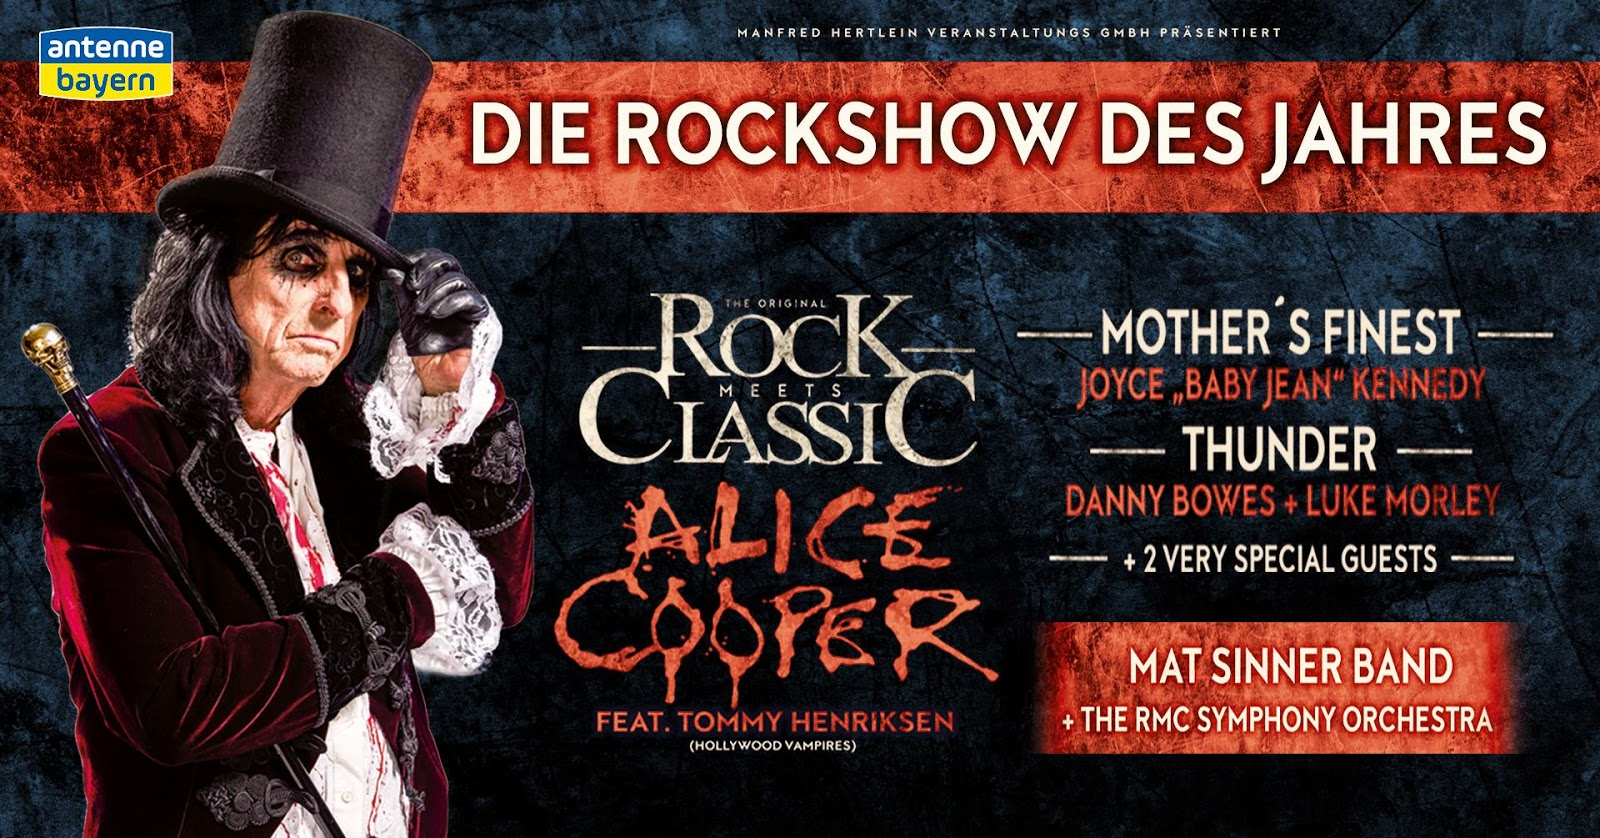 Gesammelte Werke Und Musik Rock Meets Classic 2020 De